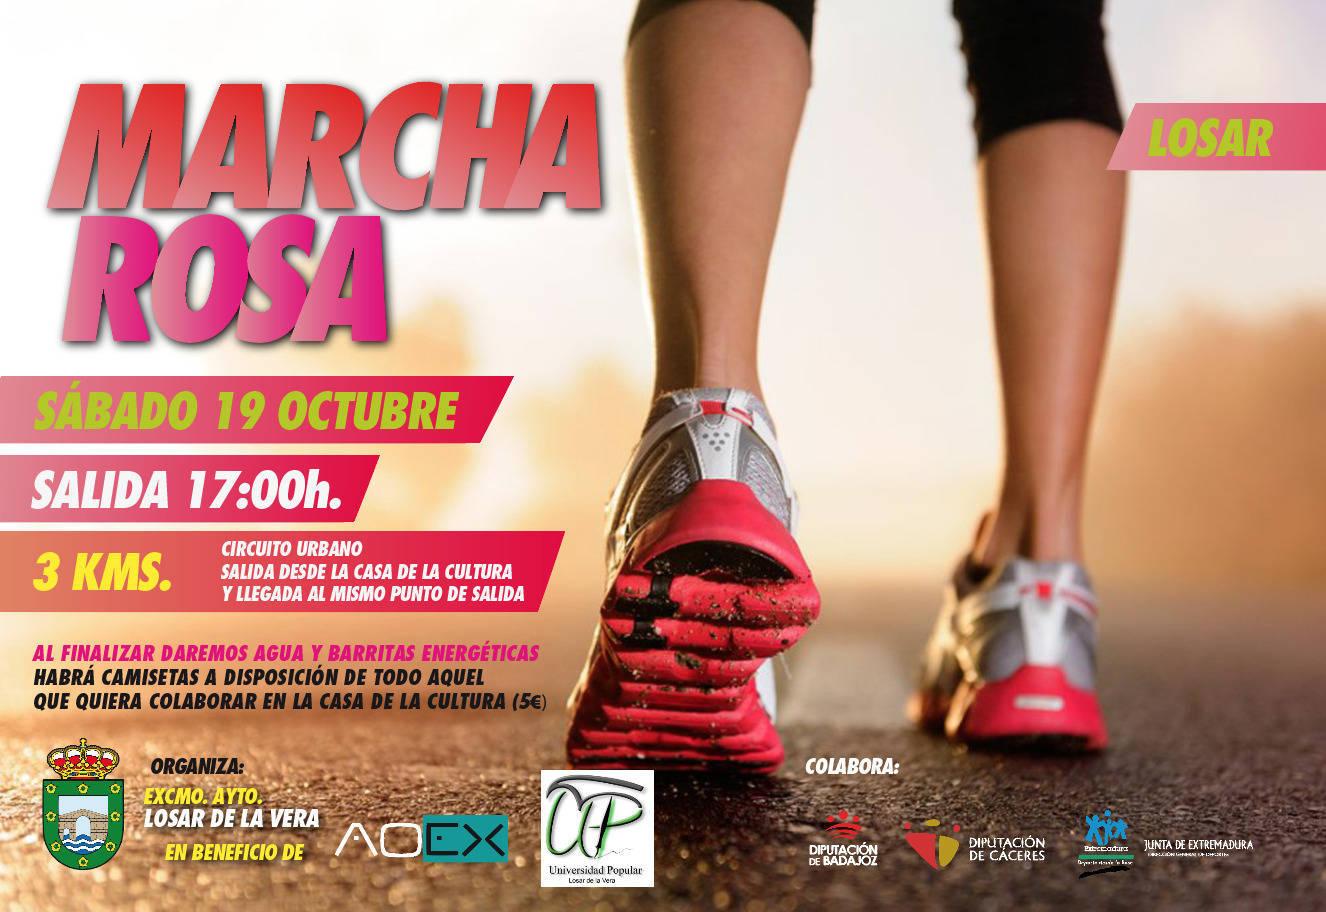 Marcha rosa 2019 - Losar de la Vera (Cáceres)